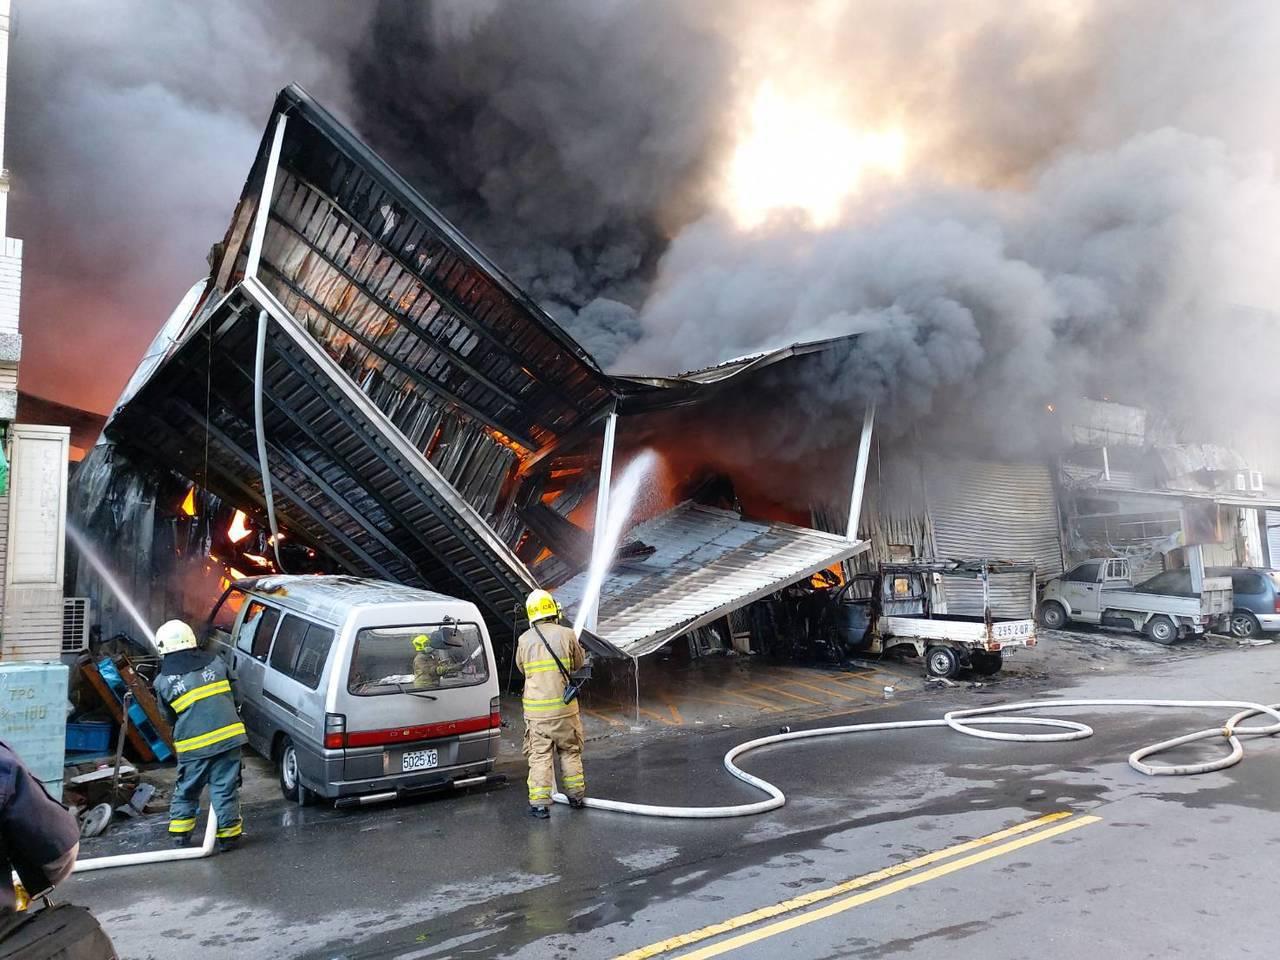 高雄市清晨工廠大火冒出濃煙,廠房頓時成廢墟。記者賴郁薇/翻攝